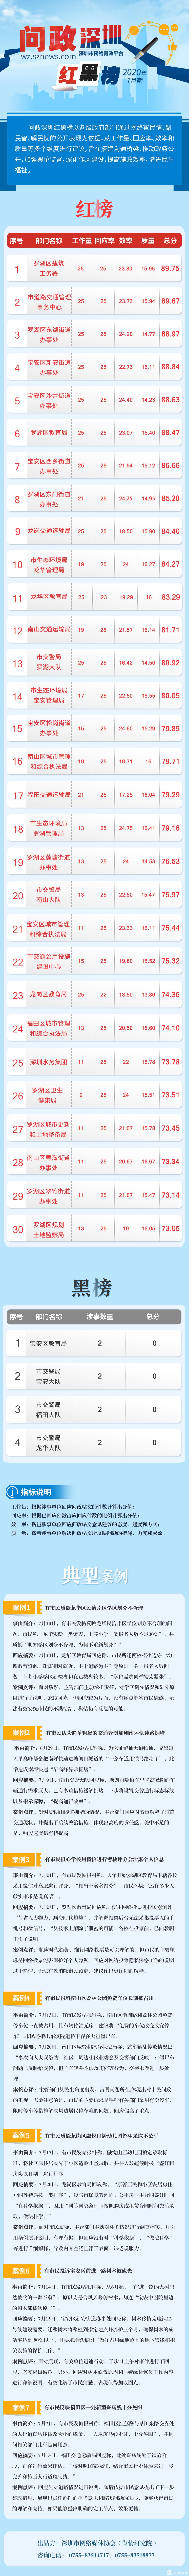 问政深圳红黑榜7月.png